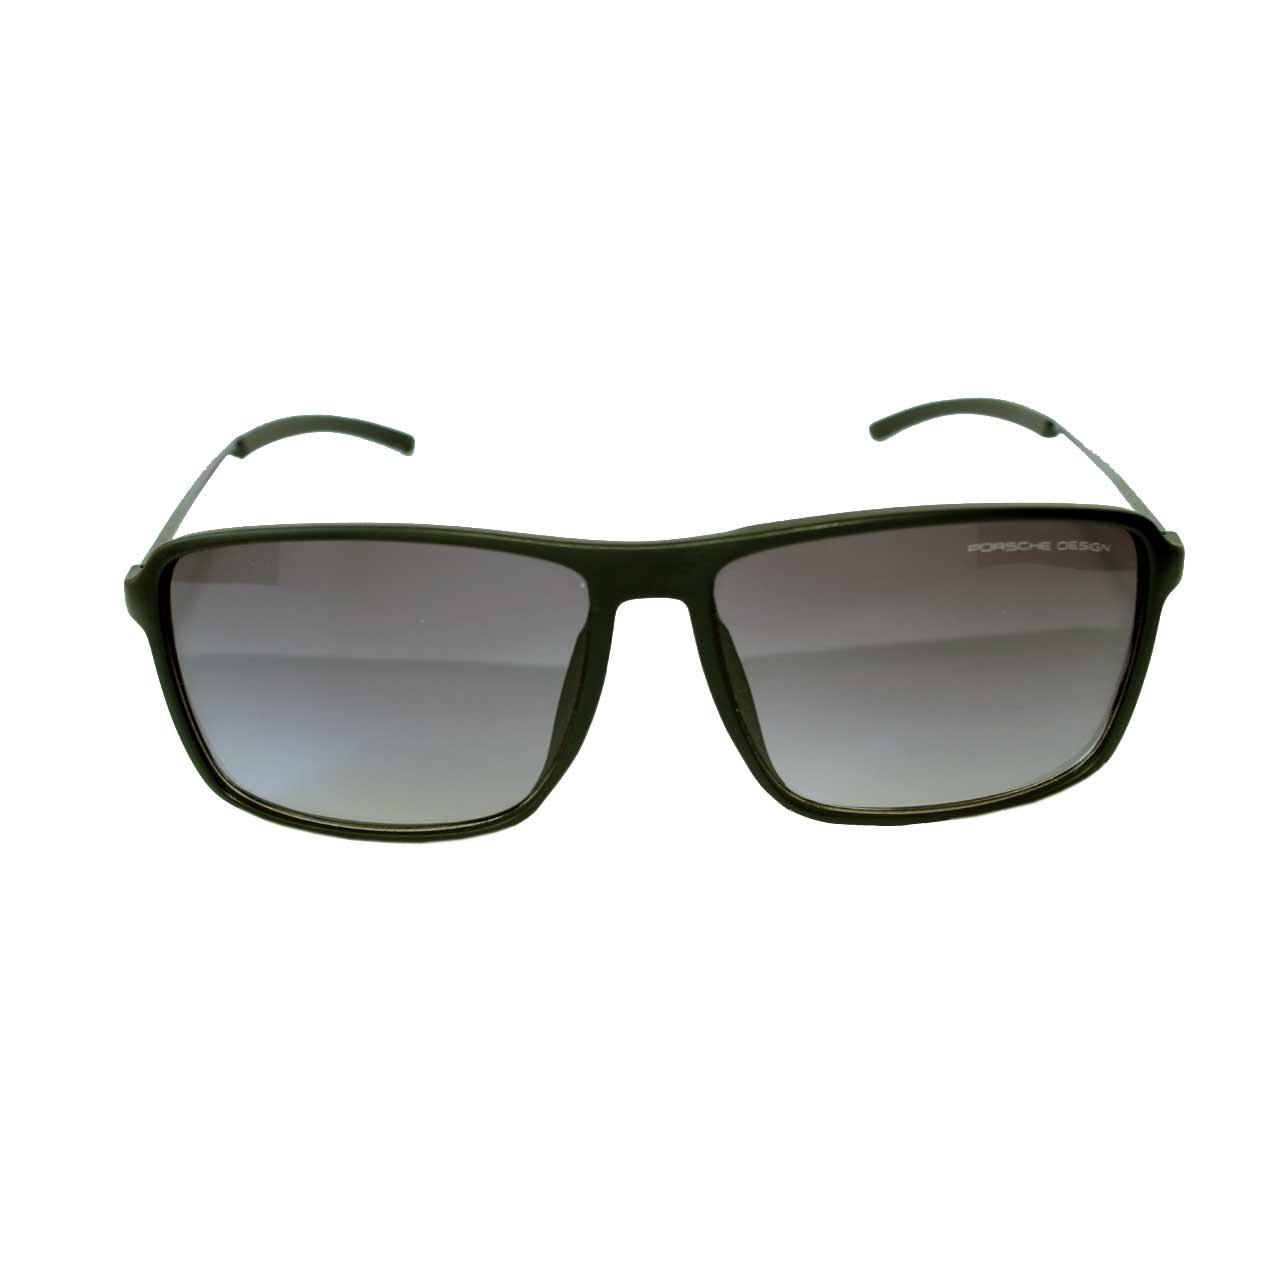 عینک آفتابی پورش دیزاین مدل P 8295